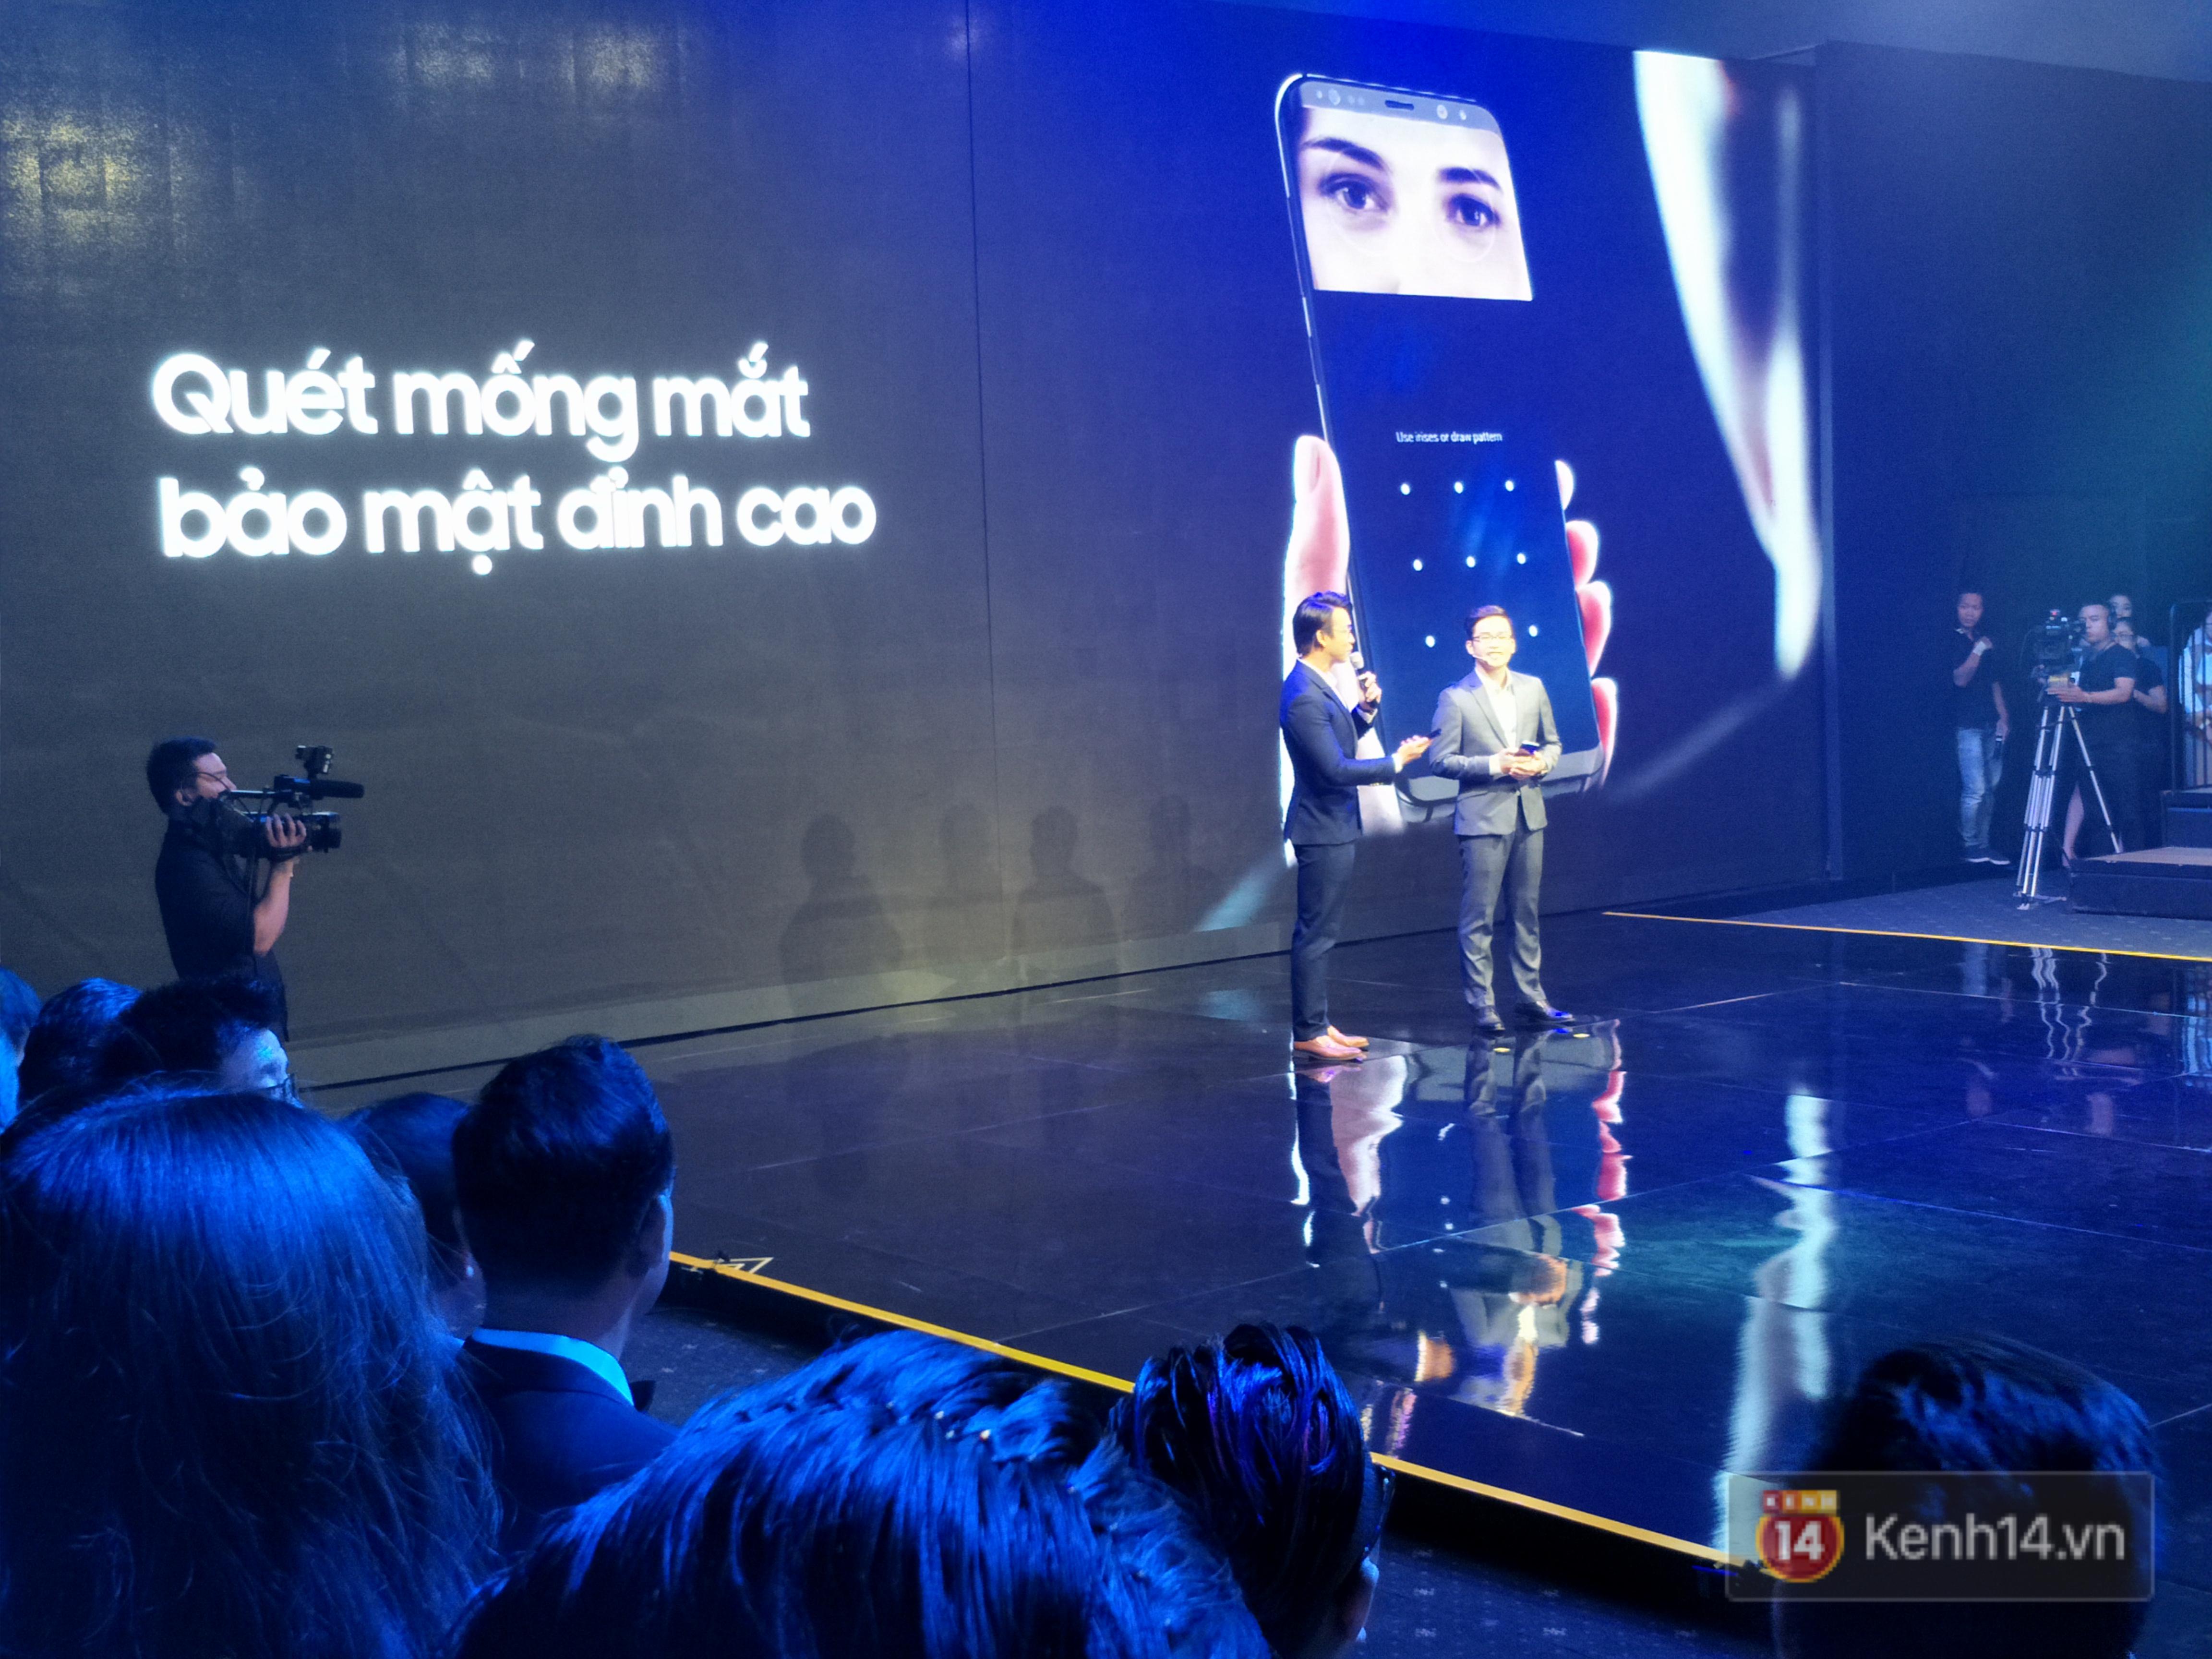 Samsung chính thức ra mắt Galaxy S8/S8 Plus tại Việt Nam, giá khởi điểm từ 18.490.000 VND - Ảnh 8.